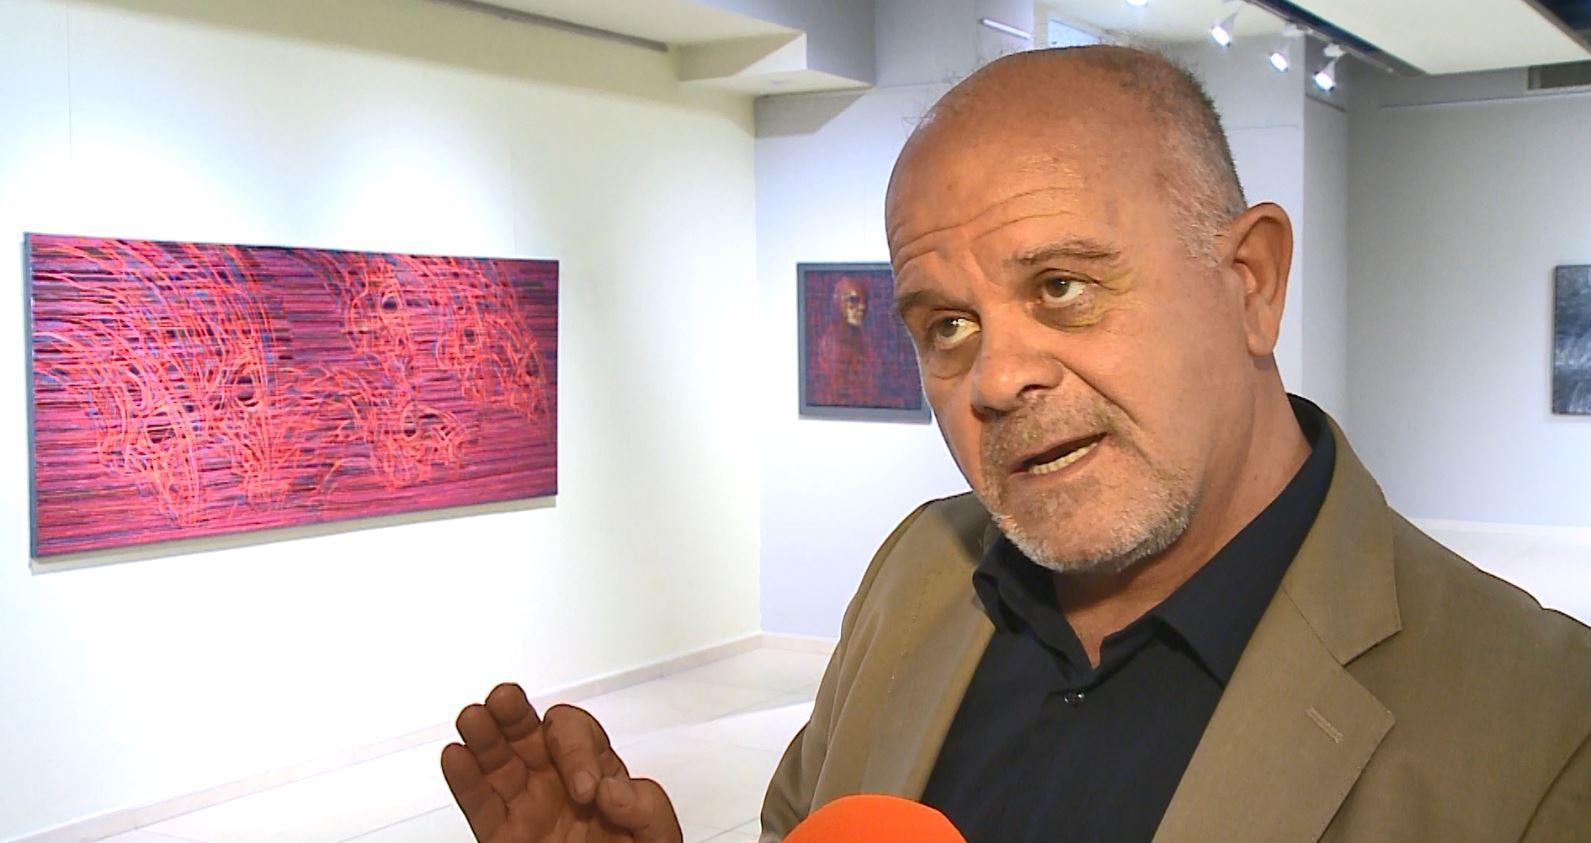 """Adrian Devolli sjell dramën e njeriut në ekspozitën """"Gjithmonë Kanavace"""""""